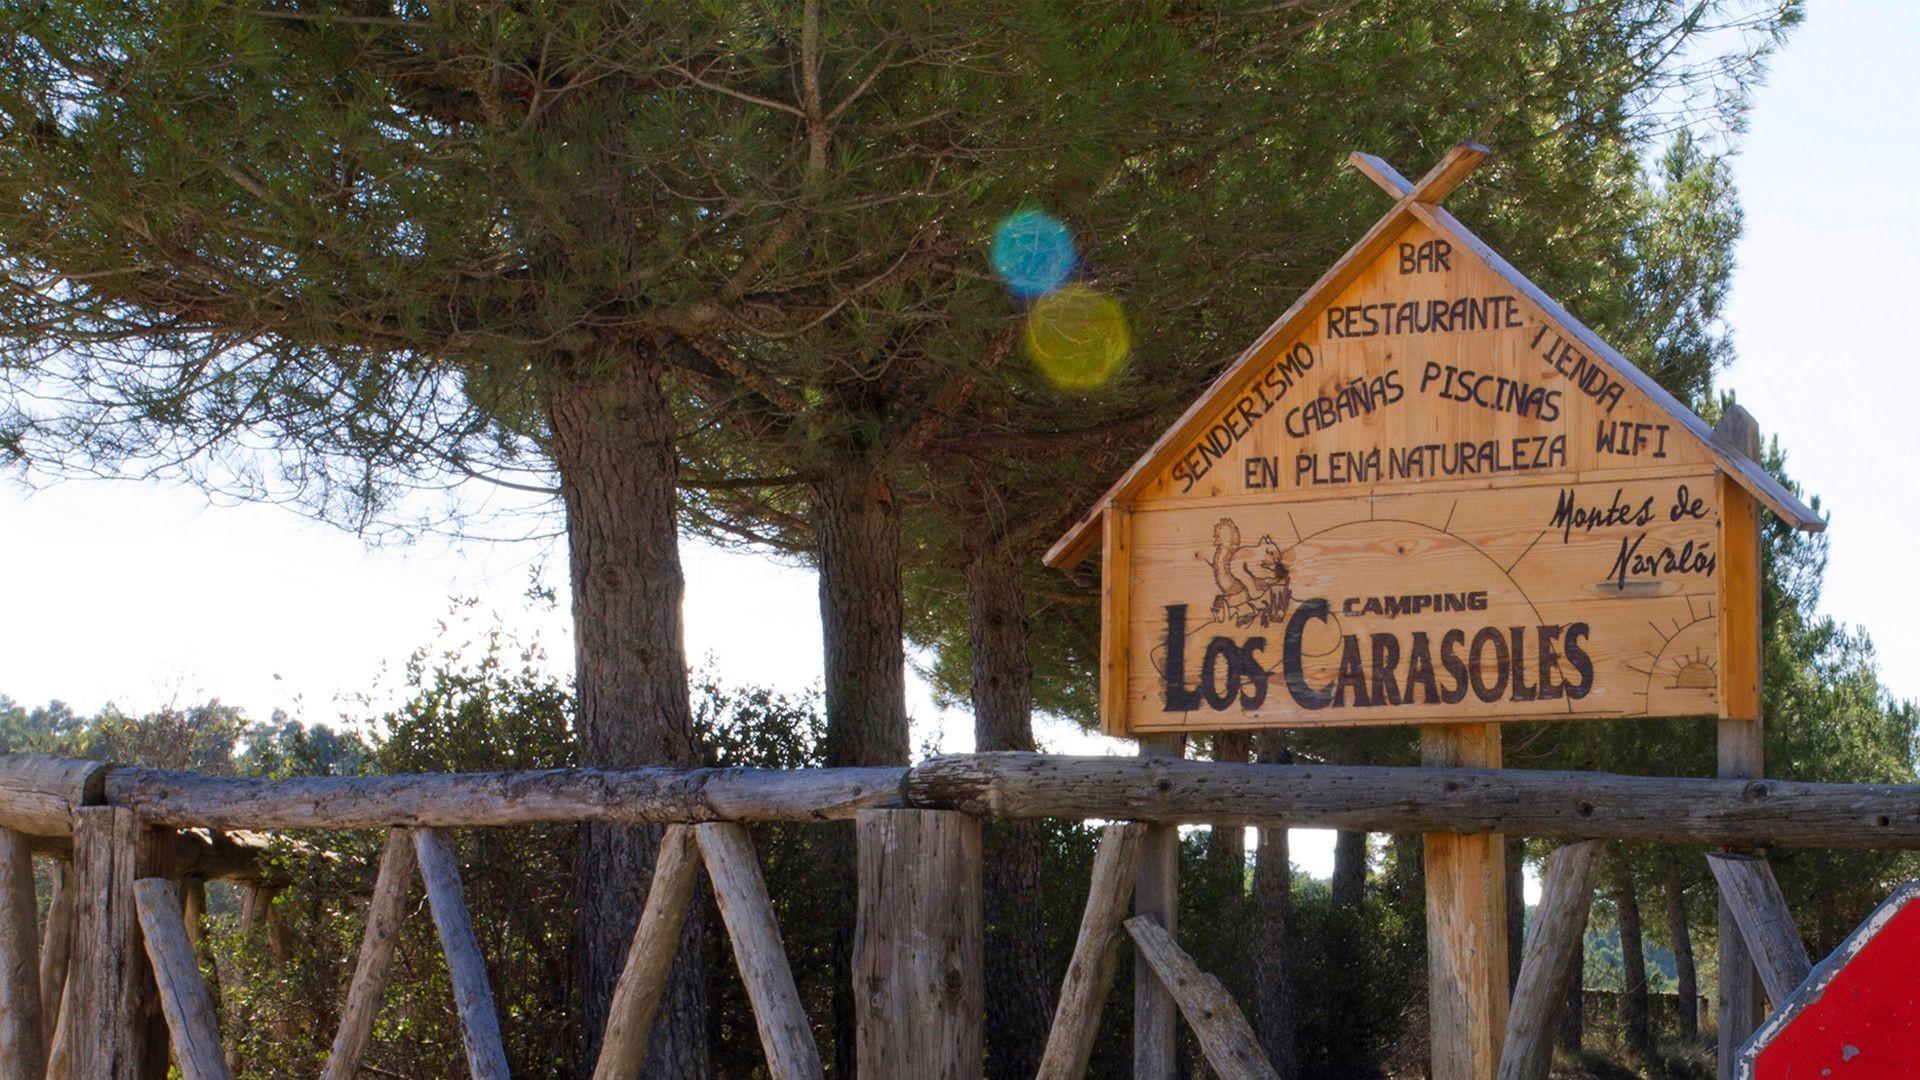 Camping para caravanas en Enguera